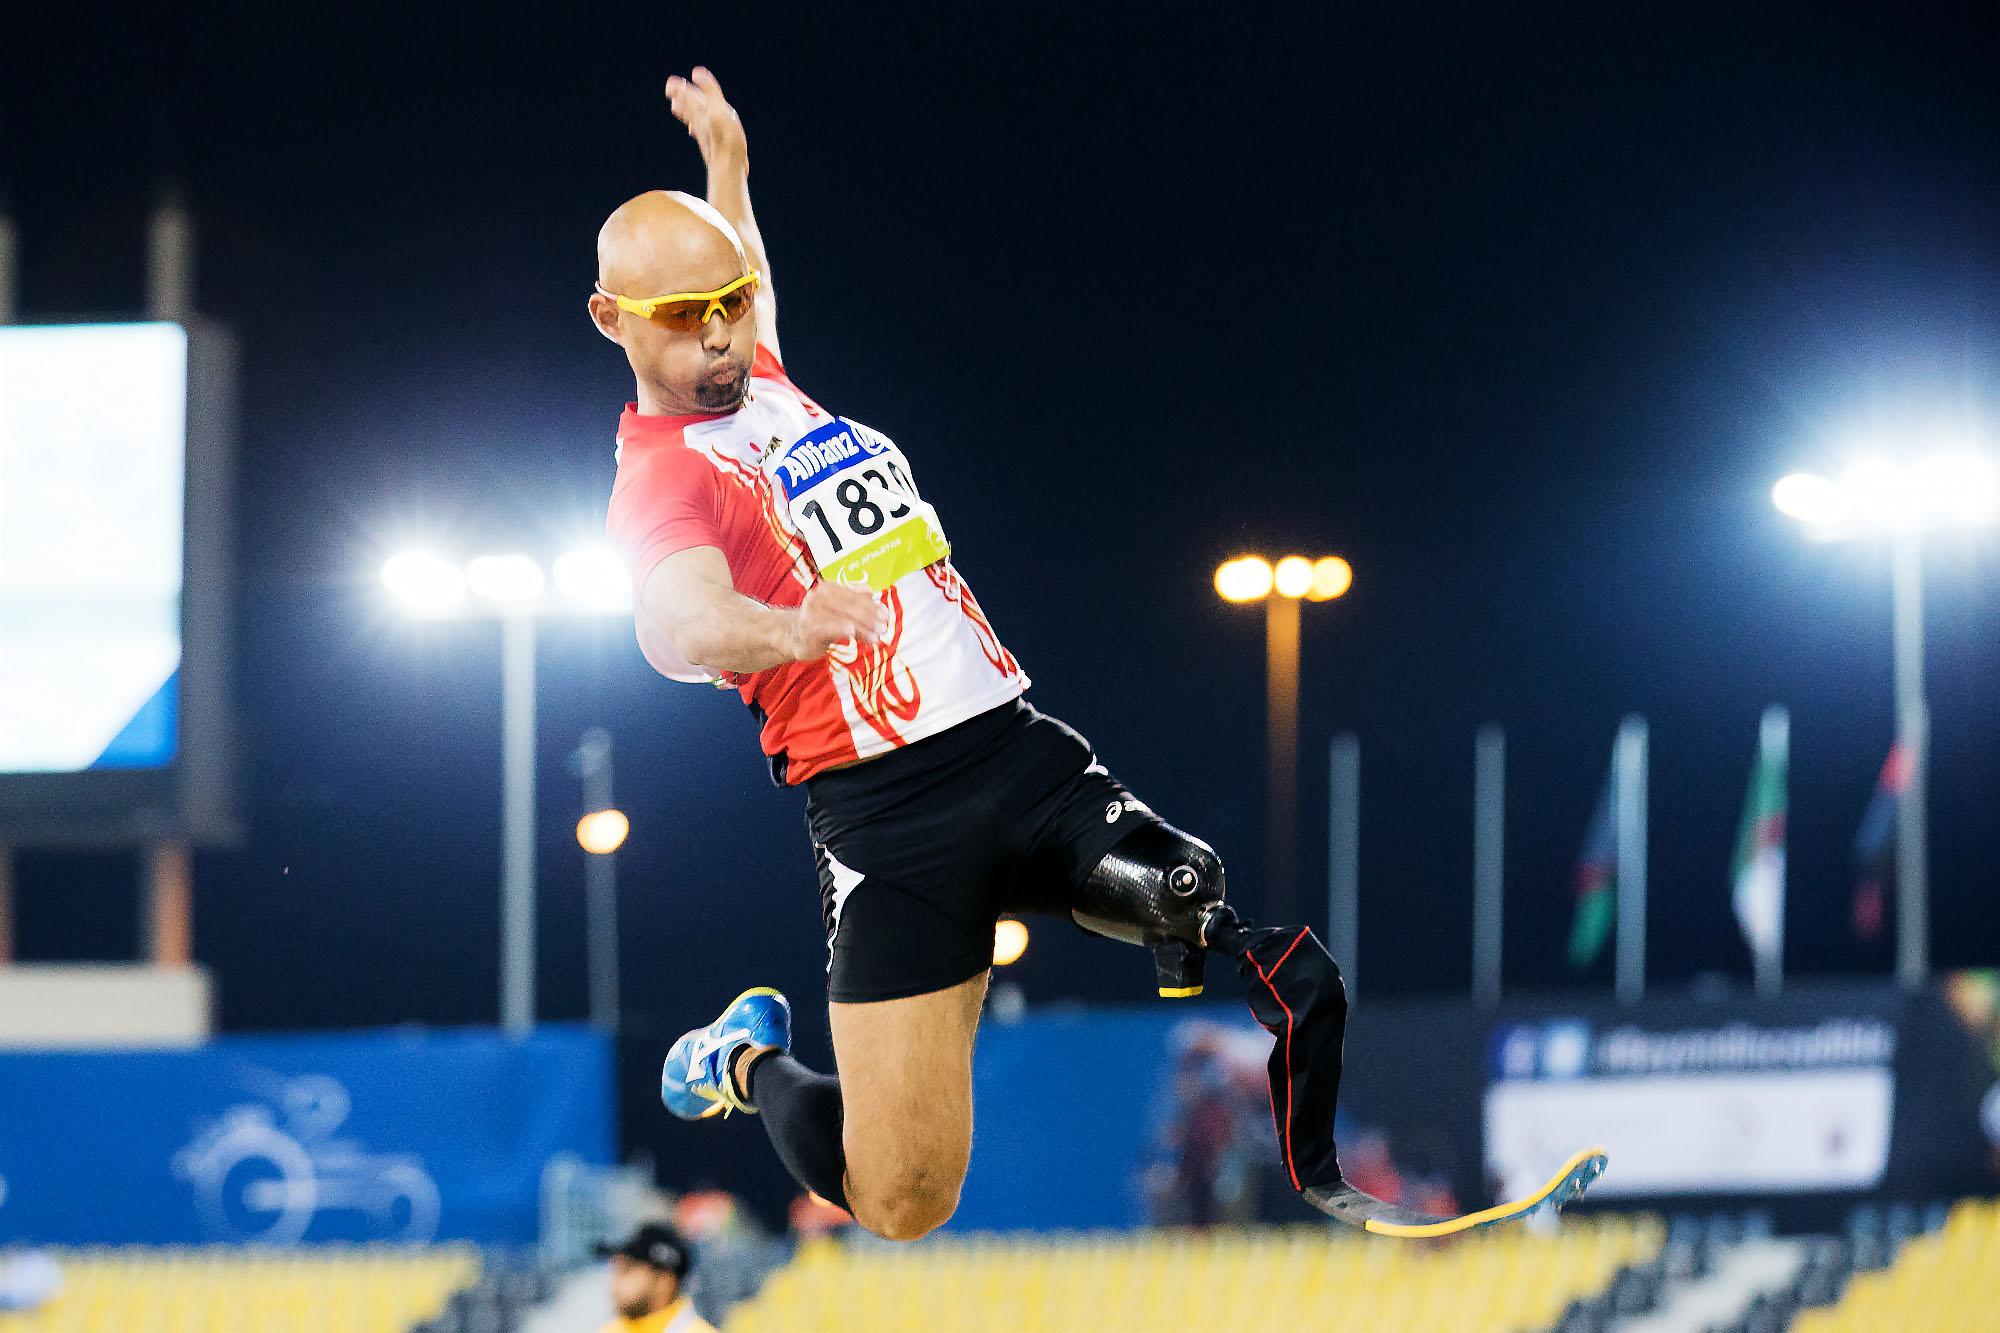 2015IPC陸上世界選手権ドーハ大会で金メダルを獲得した山本篤(撮影:越智貴雄)